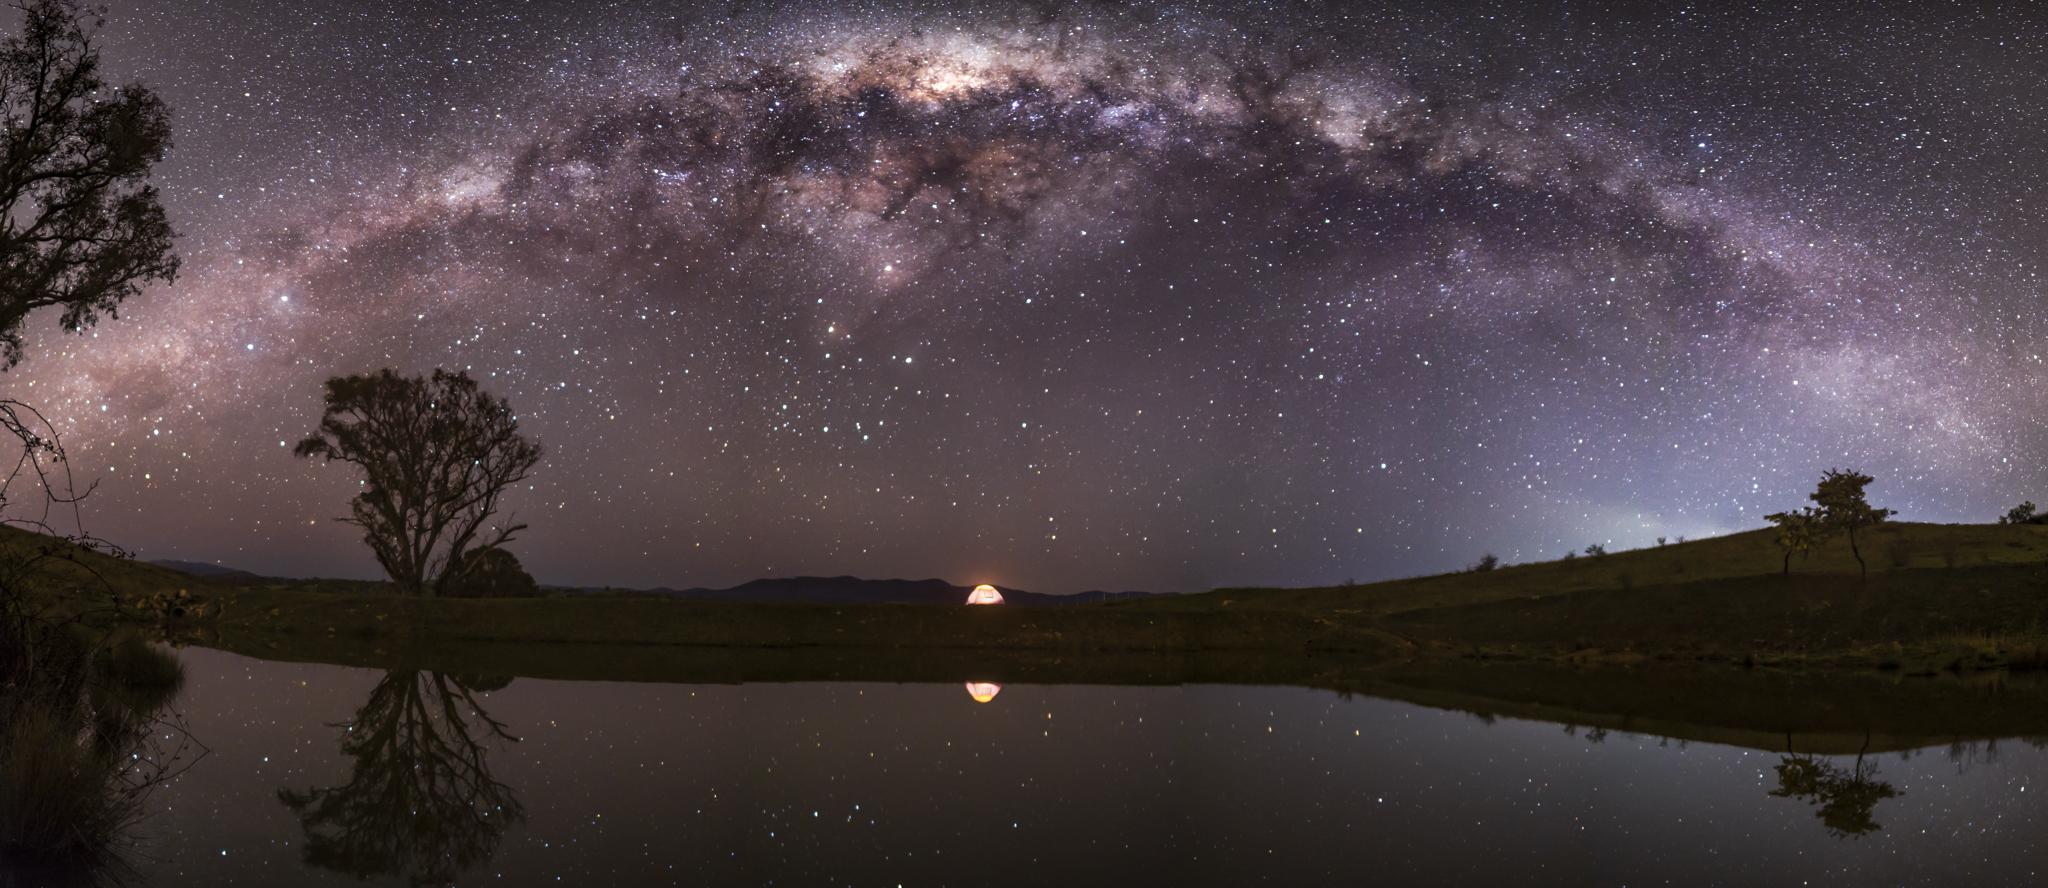 Milky Way, Belconnen